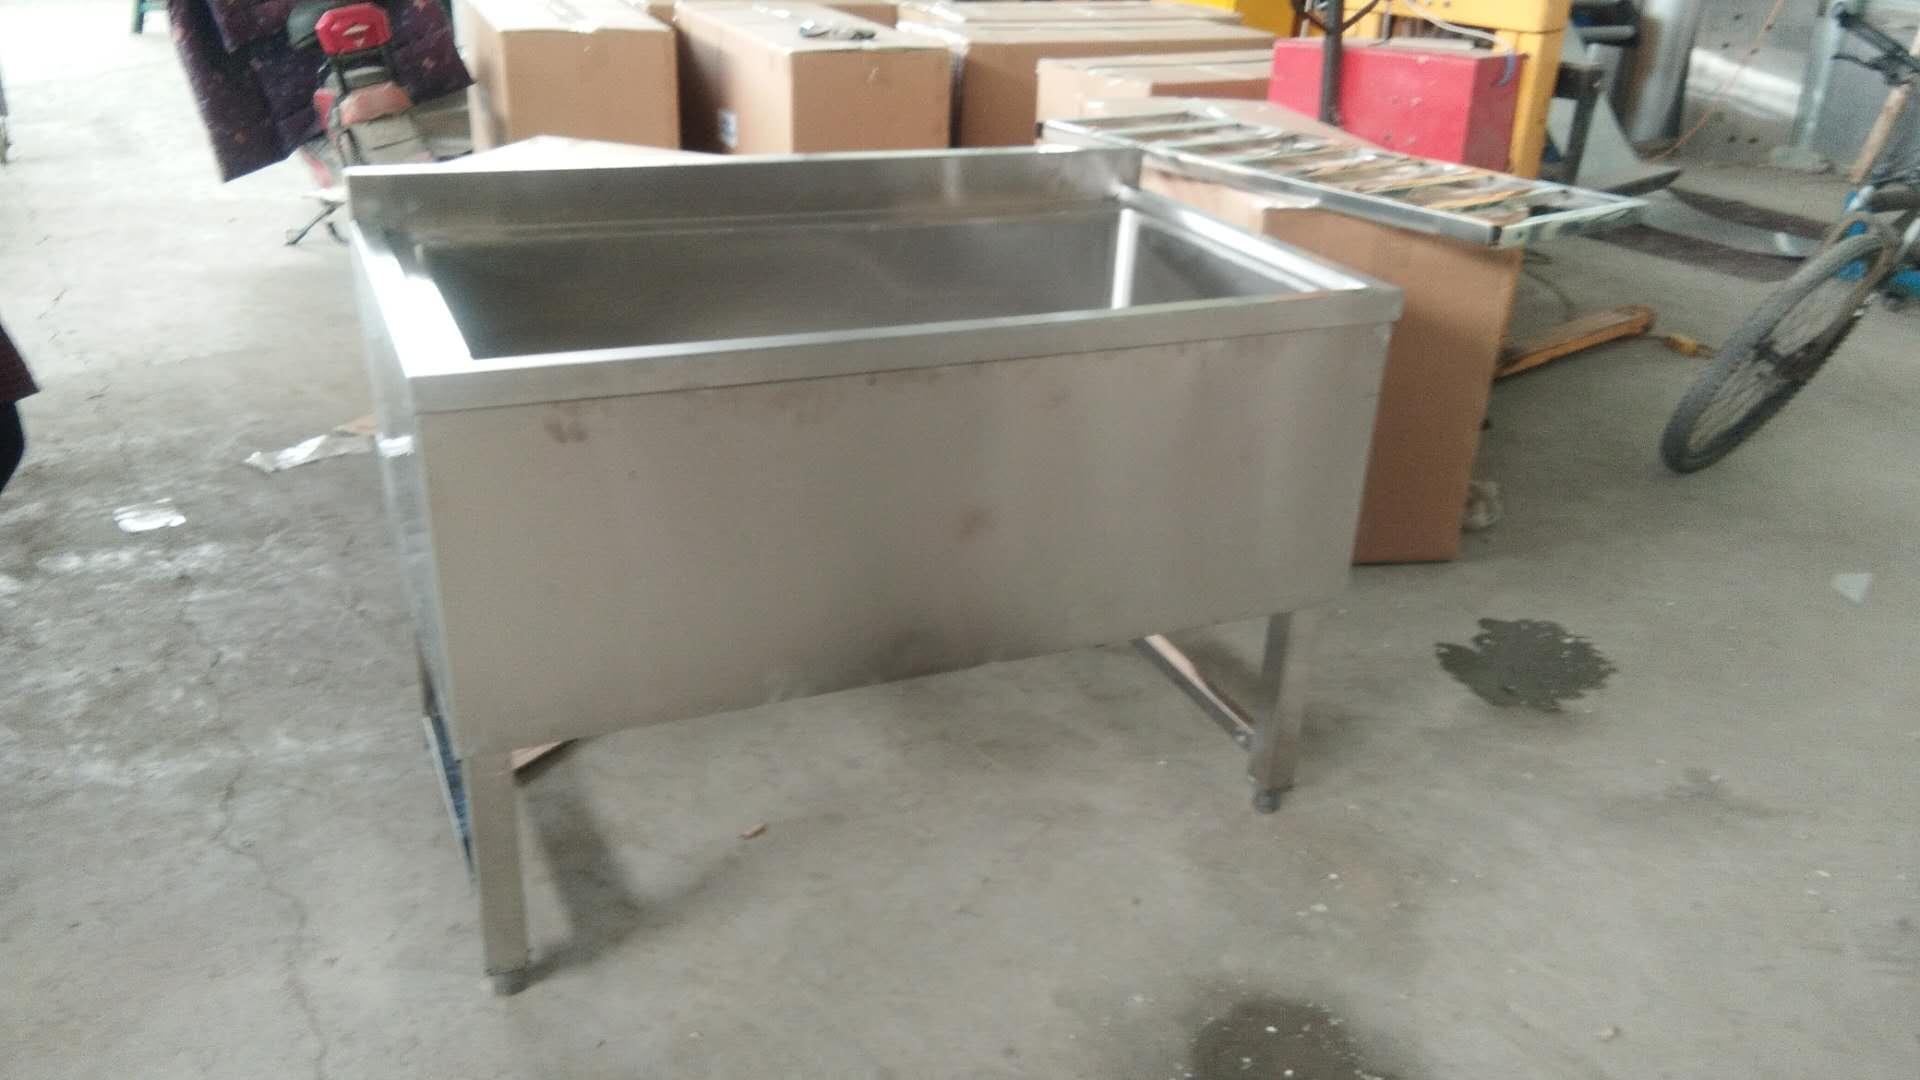 stainless steel kitchen sink 1